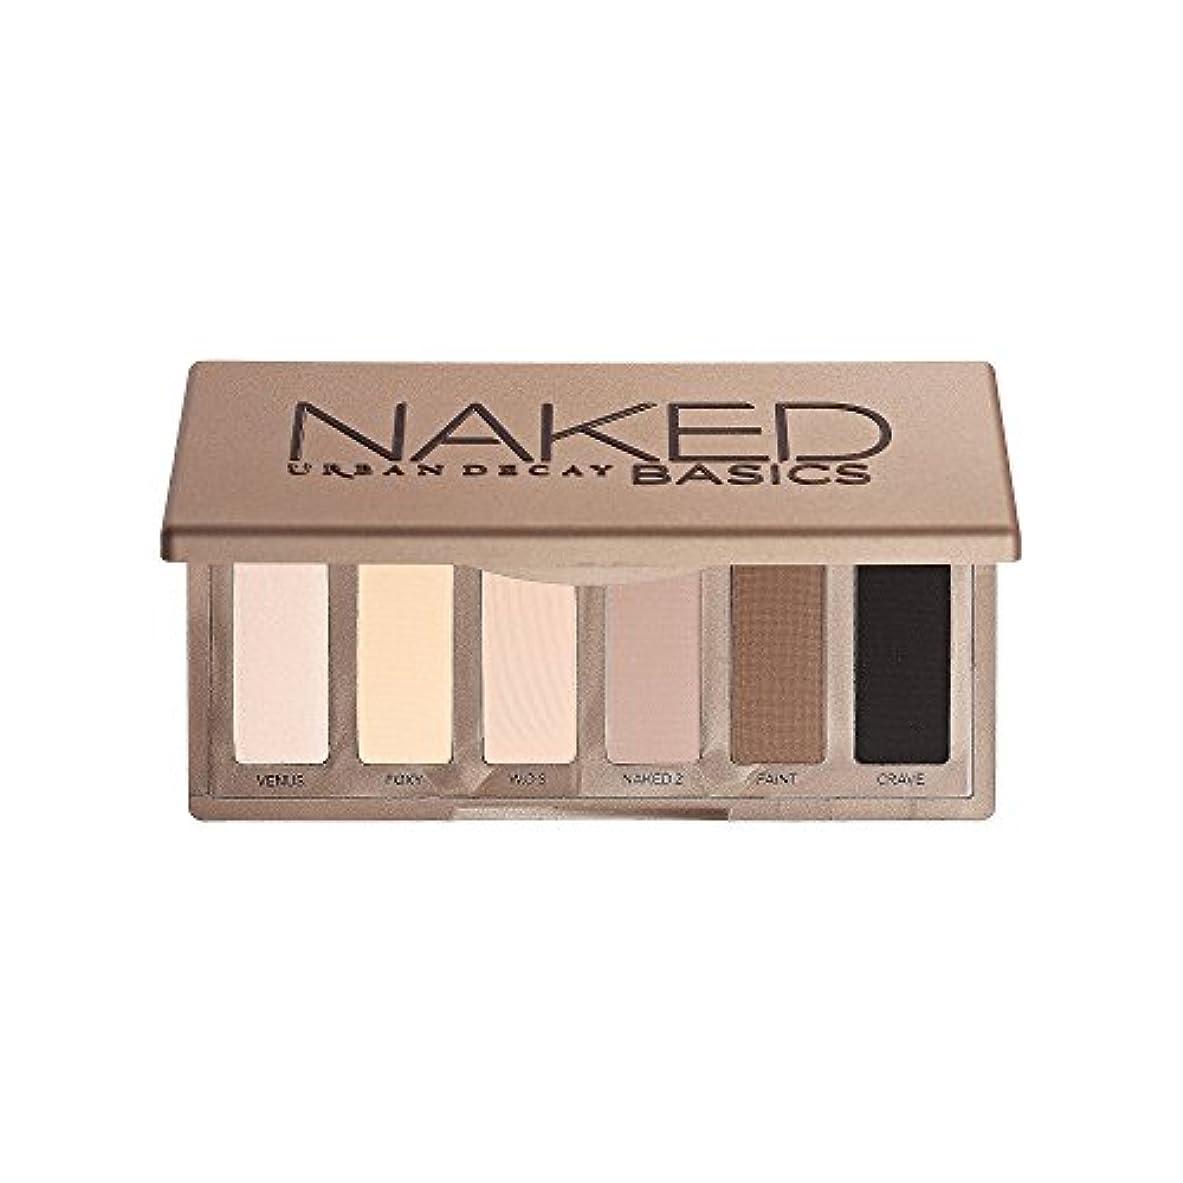 シャツエピソード場所Urban Decay Naked Basics Palette ネイキッドパレット ベーシックス